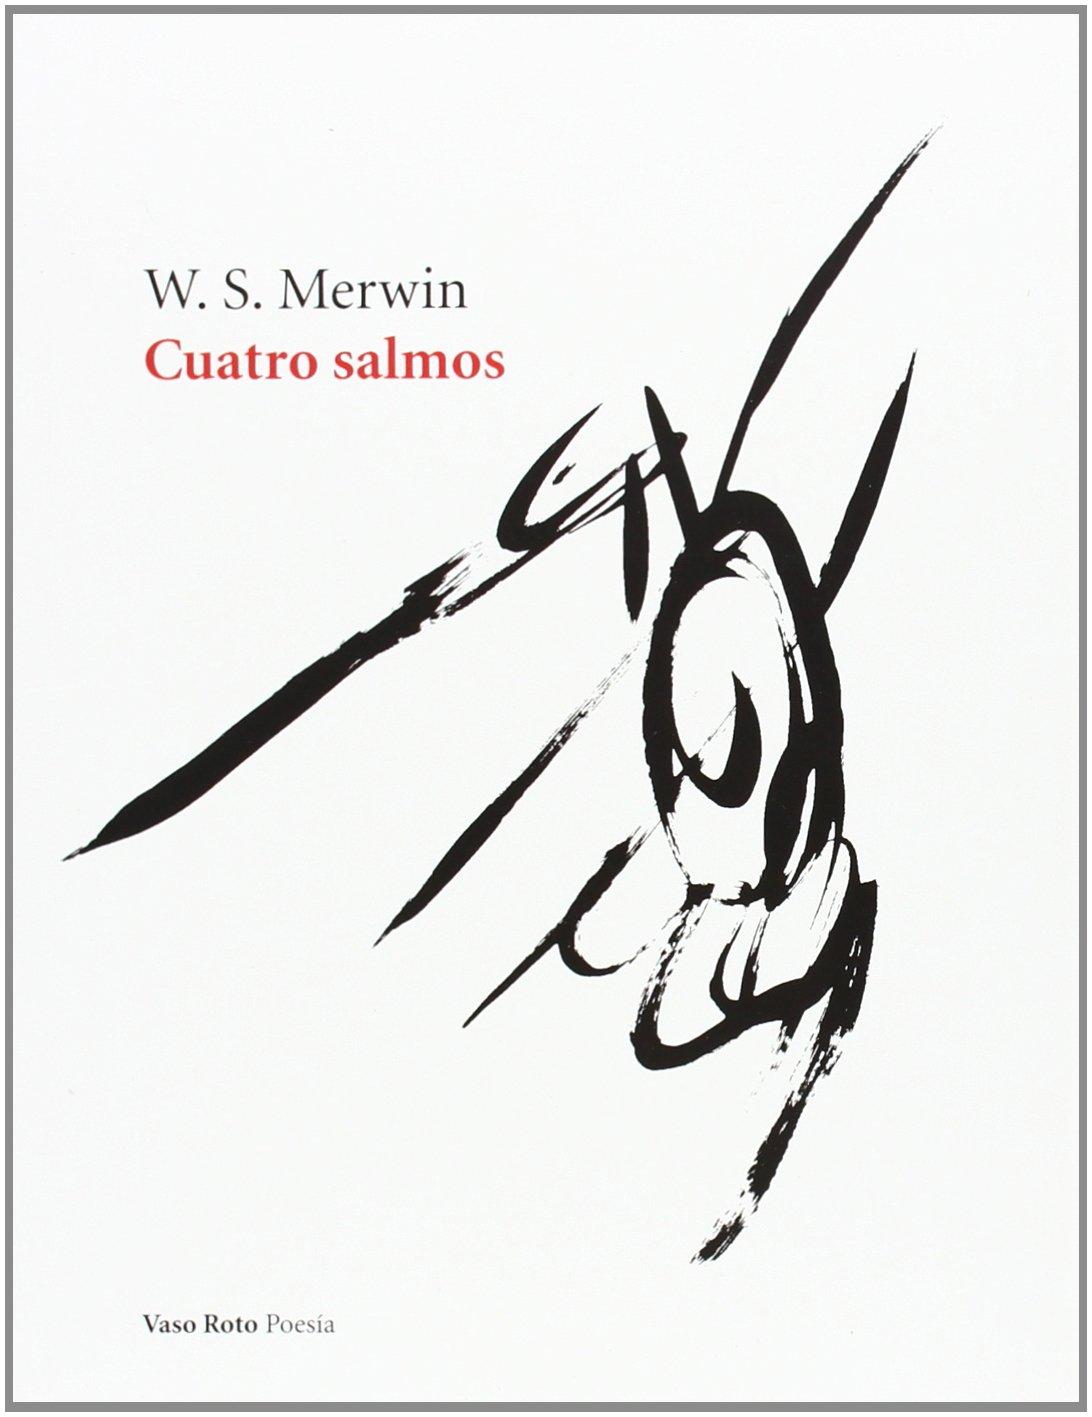 Cuatro Salmos (Poesía) Tapa blanda – 1 abr 2010 W. S. Merwin VASO ROTO EDICIONES 8493584207 USA